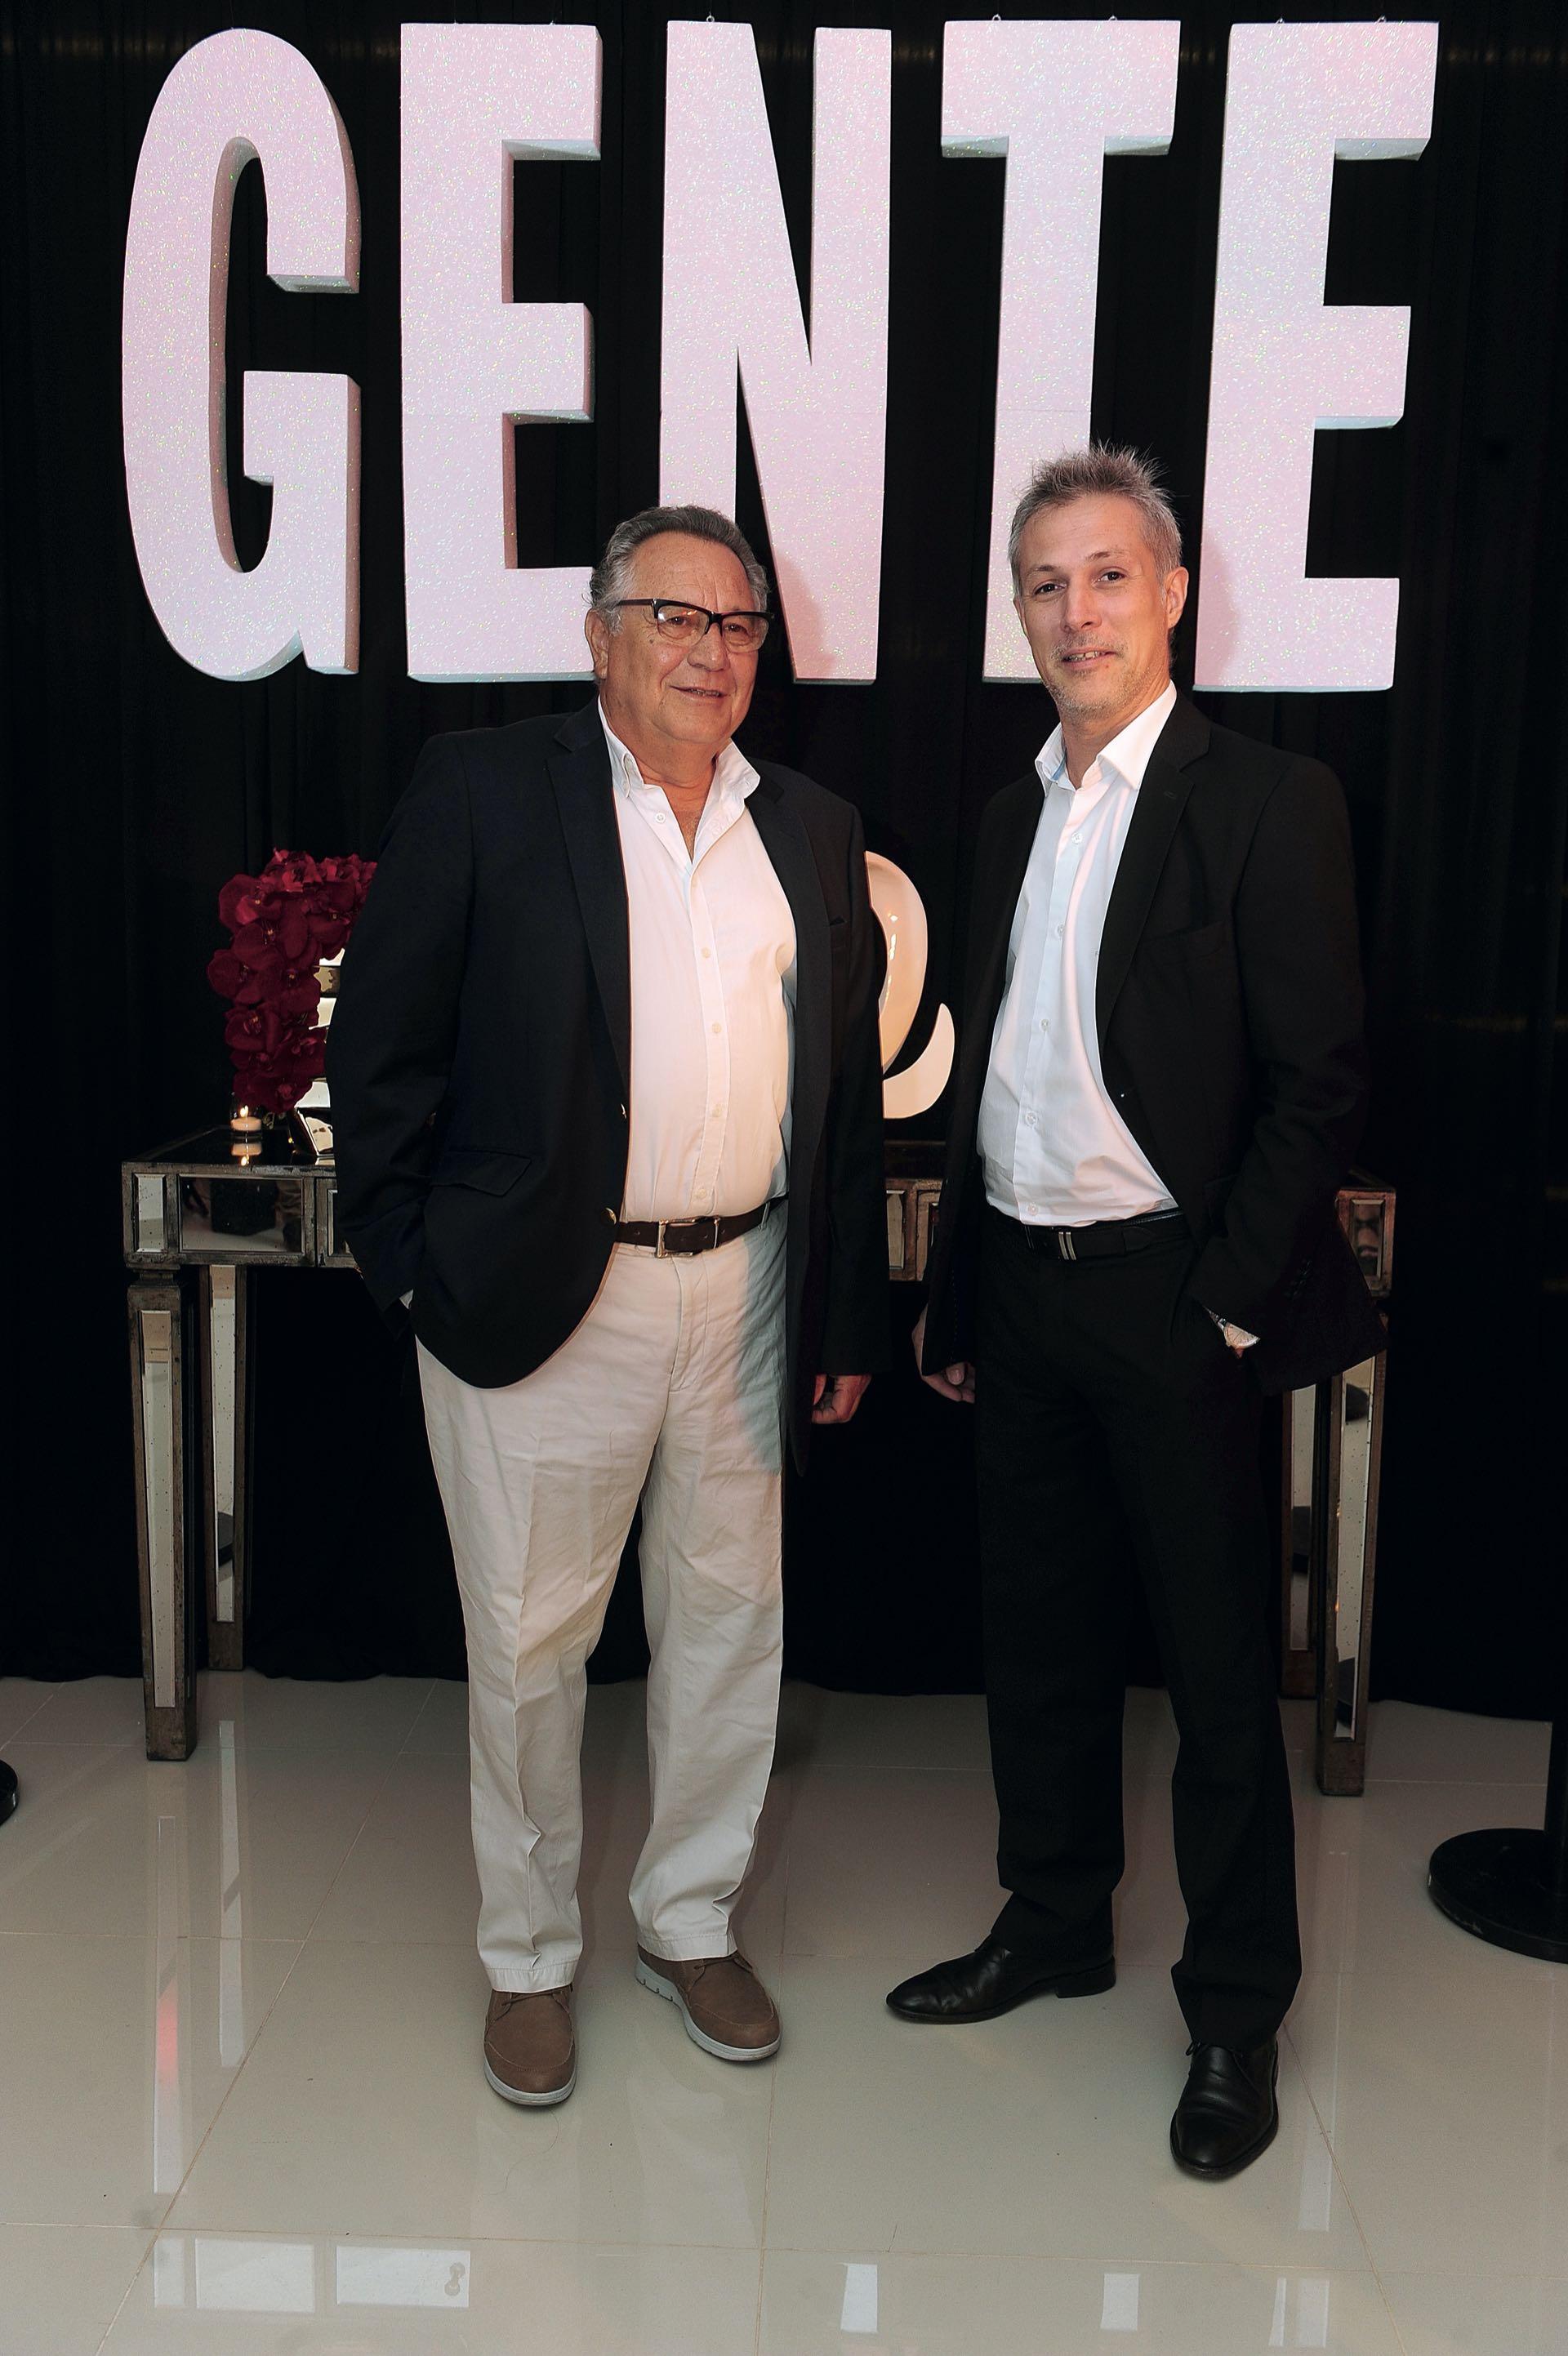 Marcelo Schaer, Jefe de Publicidad de Editorial Atlántida, con Alejandro Strumia, Director de Promoción y Marketing de la Agencia Córdoba Turismo. (Foto GENTE)